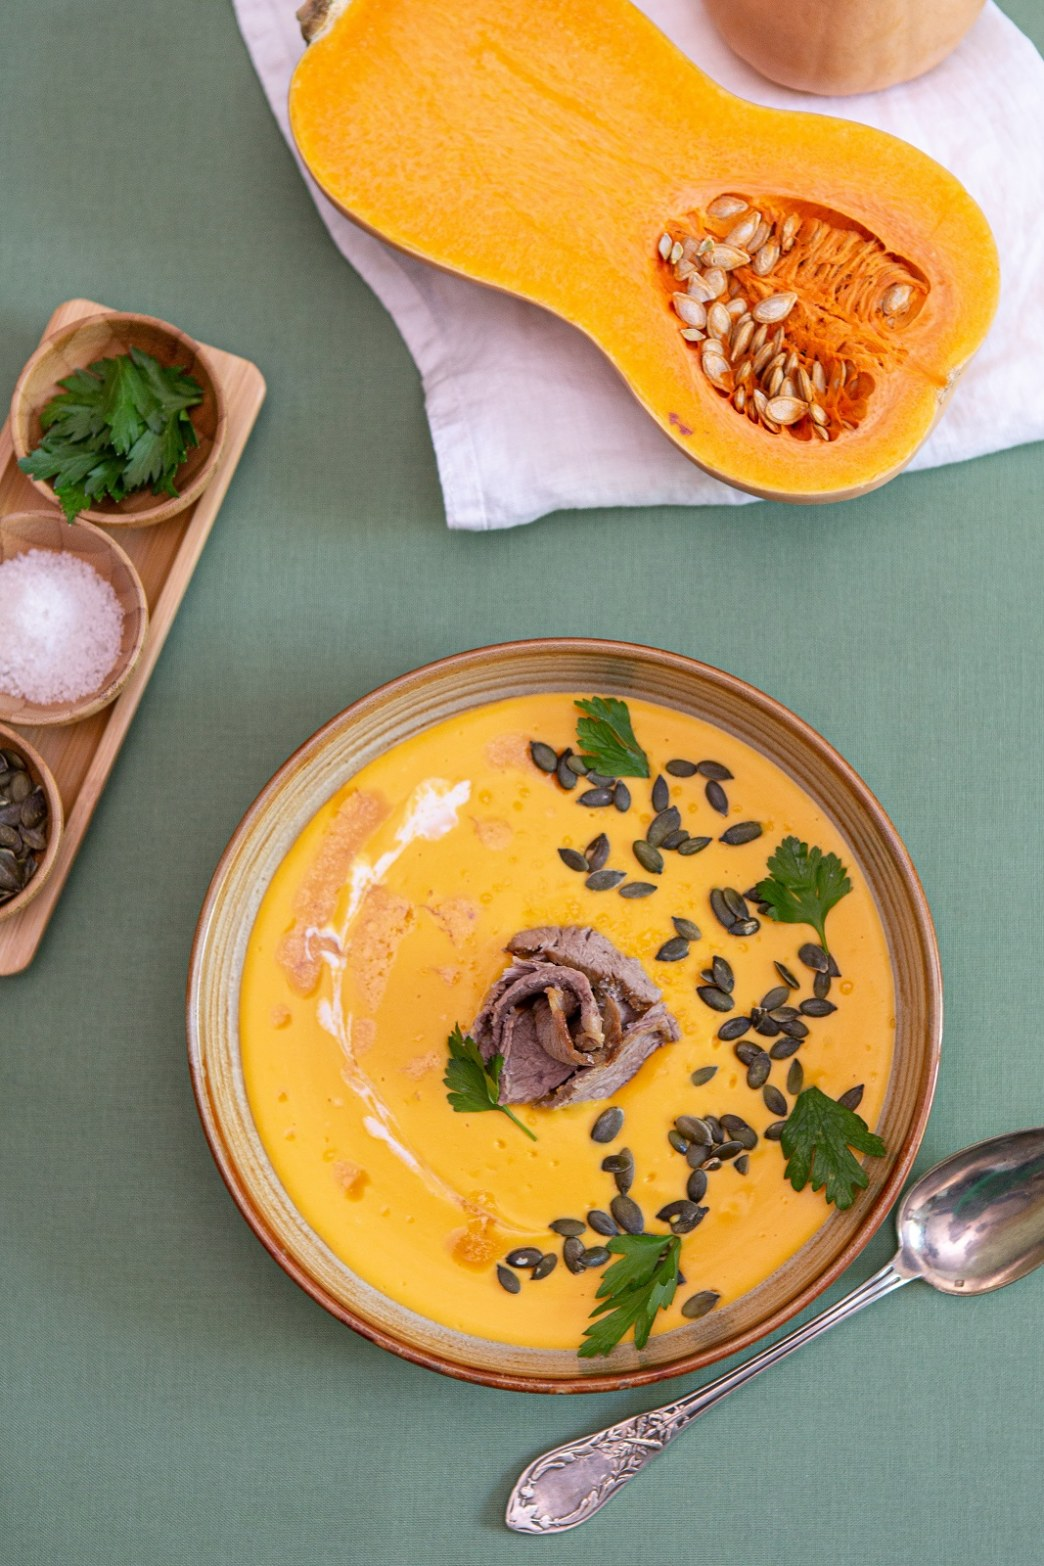 Soupe de butternut et coco, gigot d'agneau confit et graines de courge